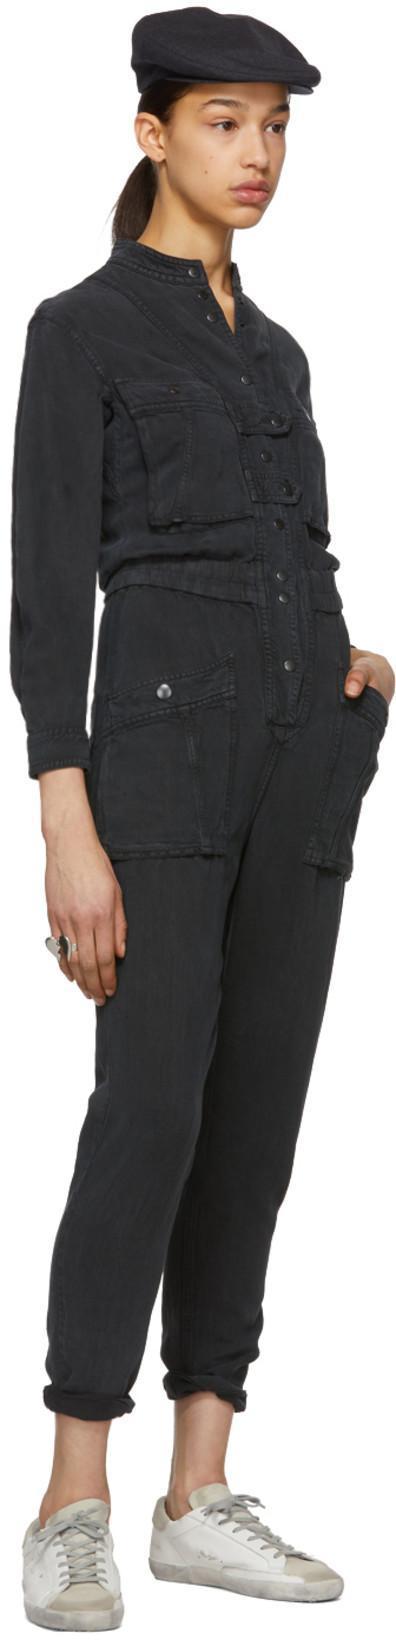 c3d7054398 ETOILE ISABEL MARANT Isabel Marant Étoile Jumpsuit Mit Taschen - Farfetch  in Black